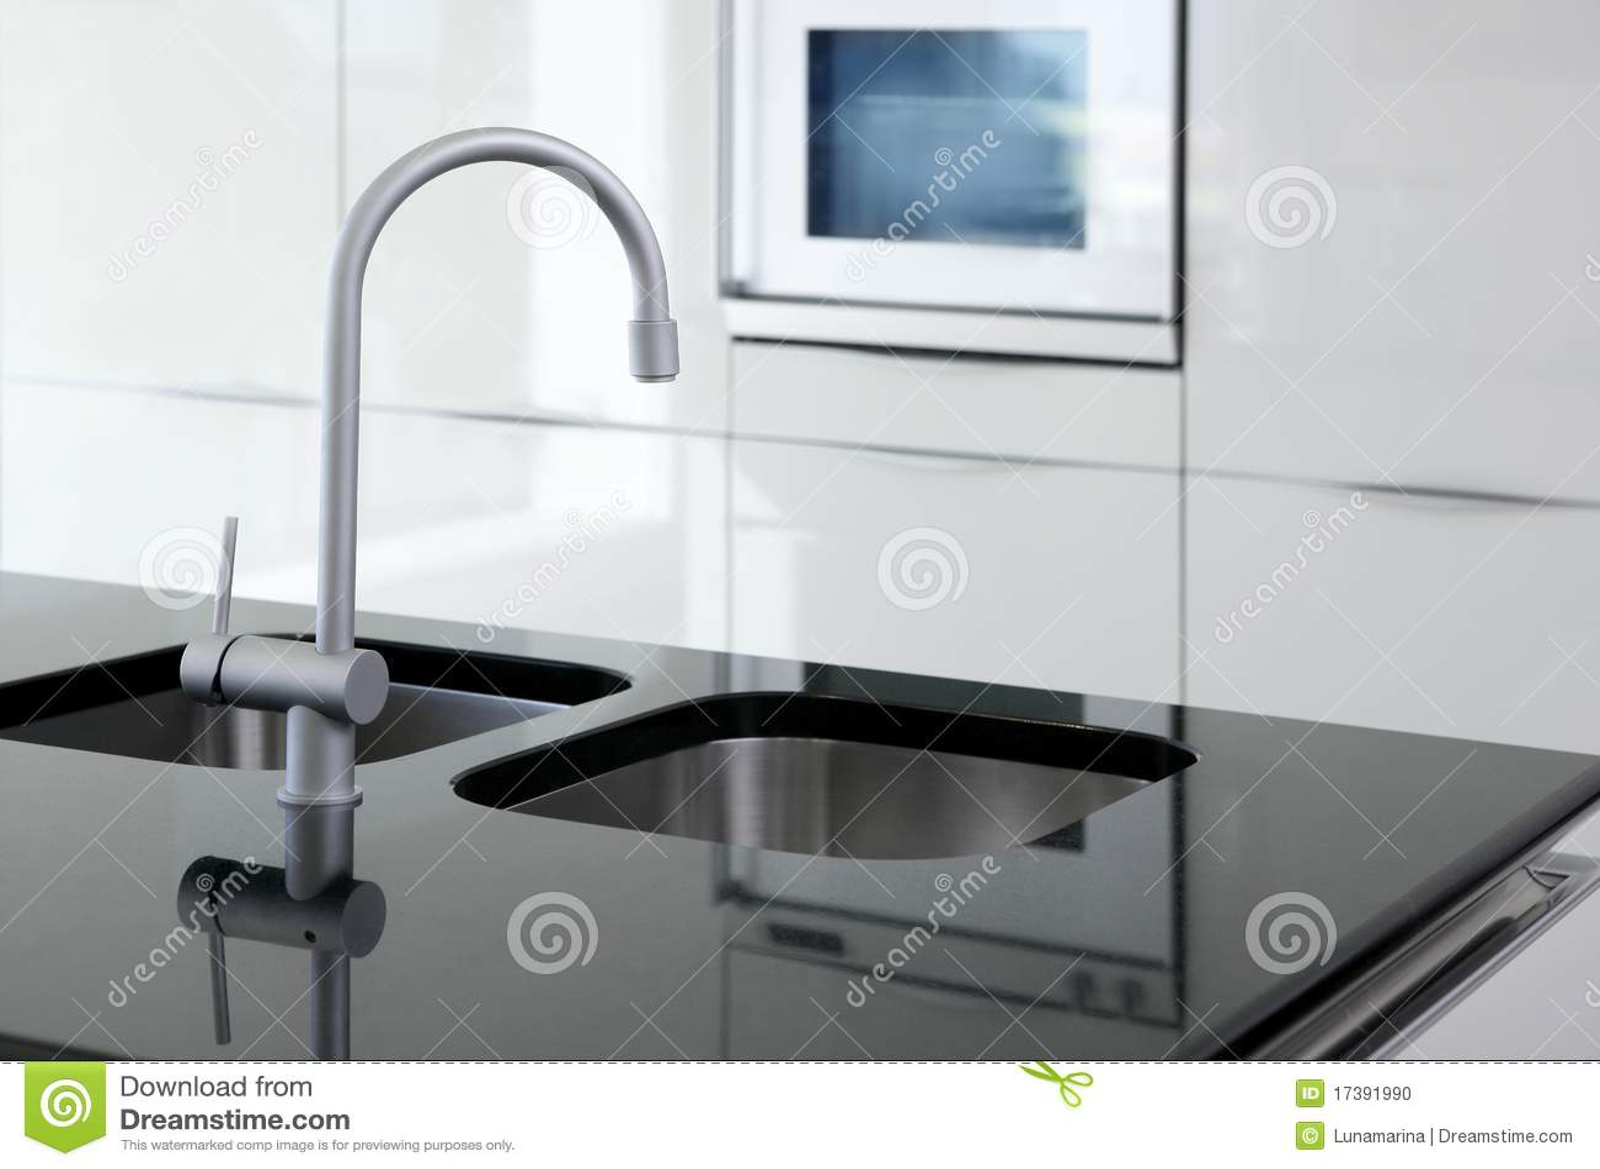 De tapkraan van de keuken en oven moderne zwart wit stock foto beeld 17391990 - Fotos van moderne keuken ...